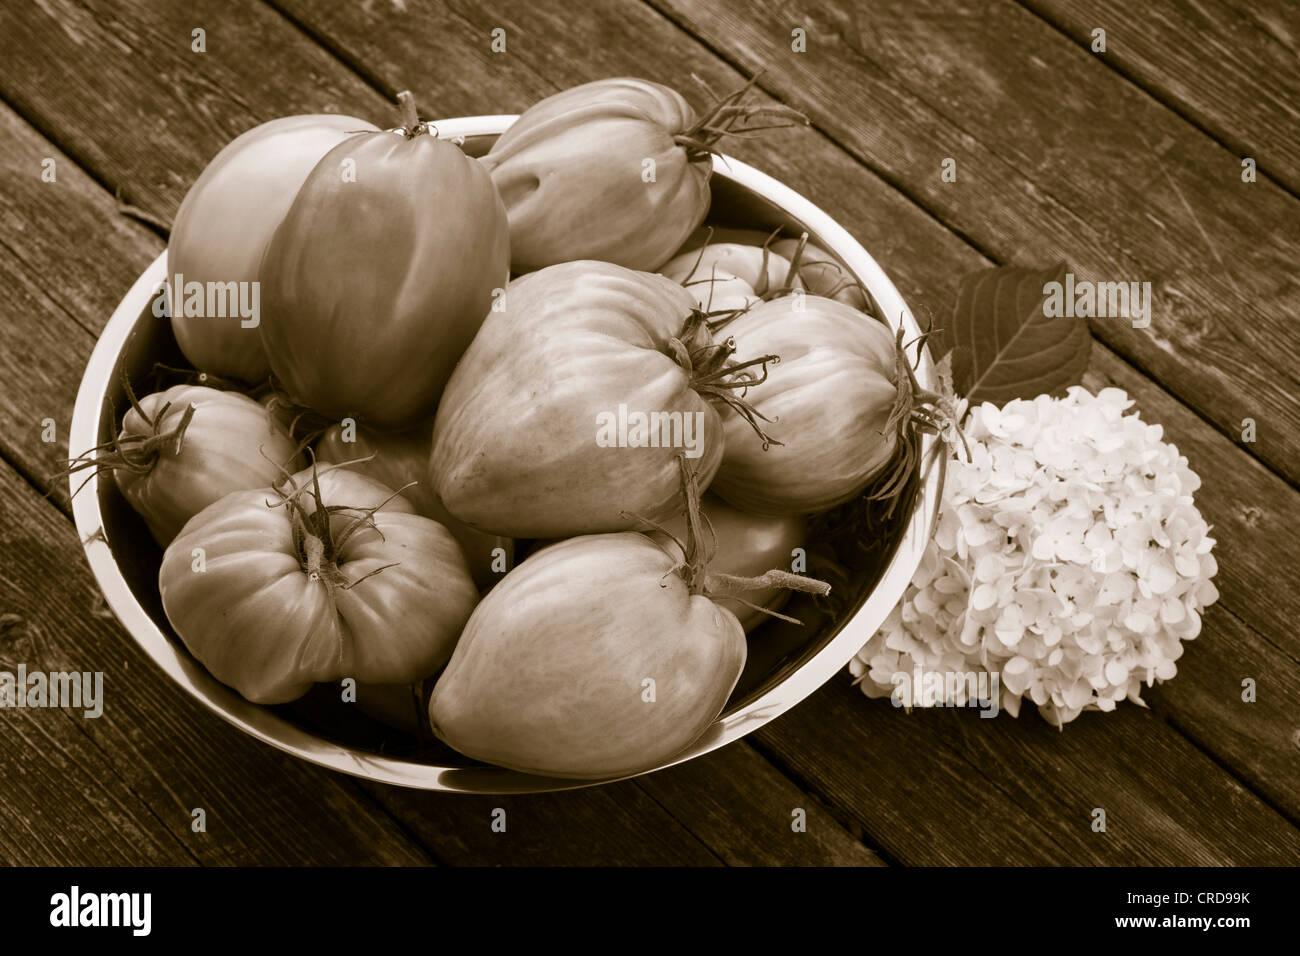 Un bol de tomates Oxheart Monochrome. Un bol de grosses tomates de divers tons, une fleur rosette23. Banque D'Images